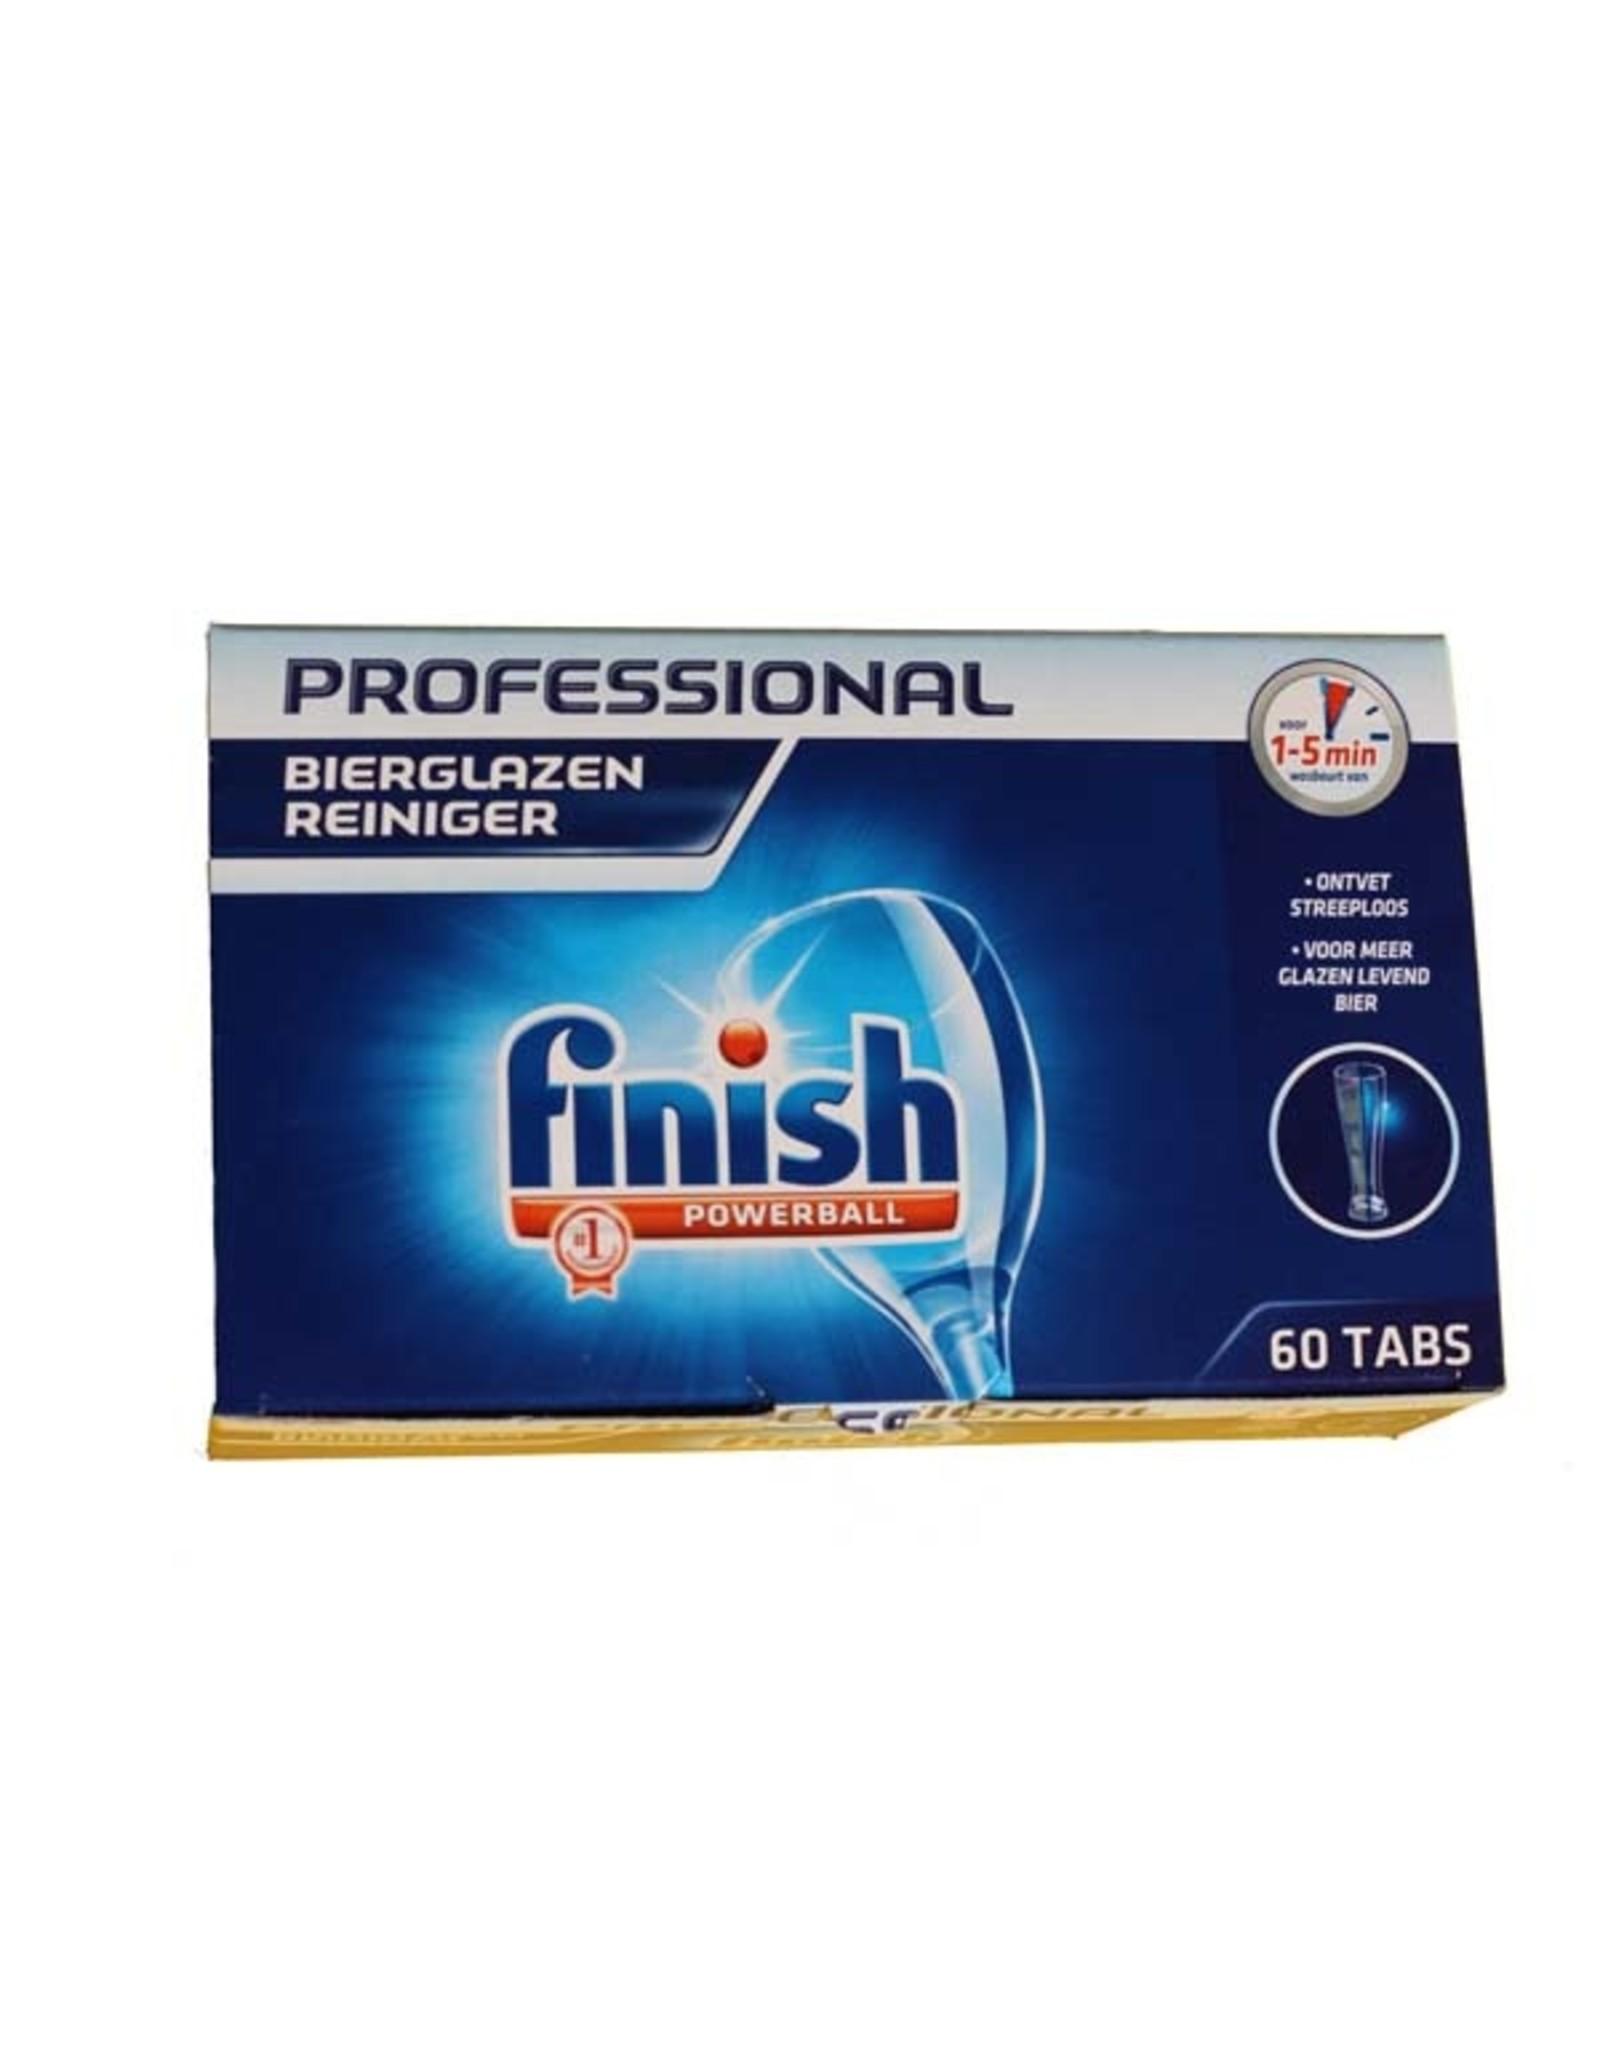 Finish Spoelblokjes 60 tabs (o.a. voor bierglazen)